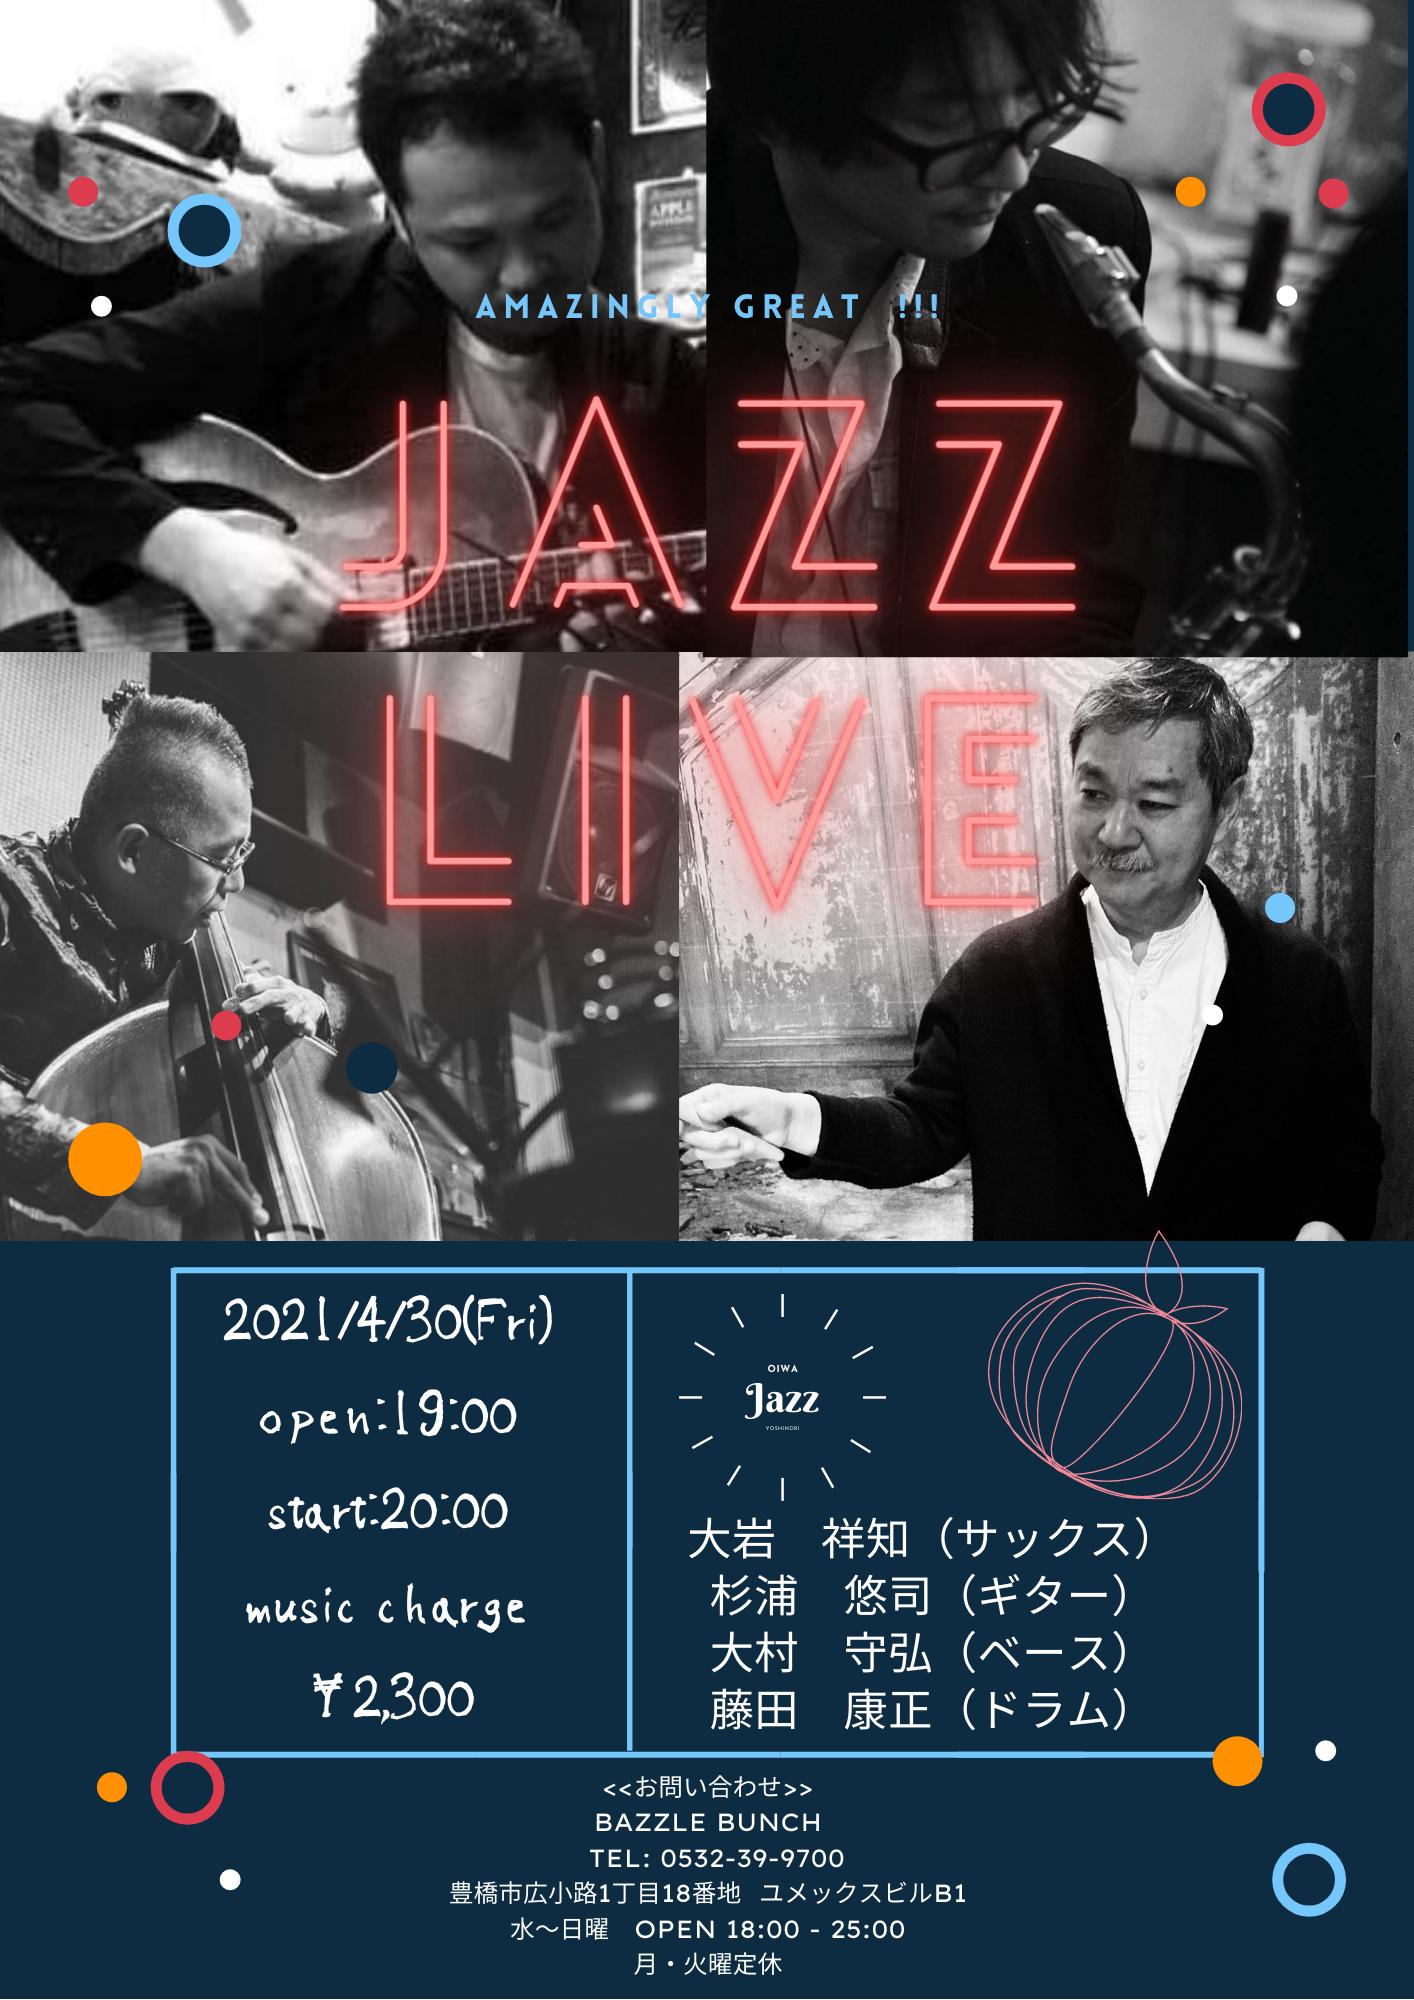 2021年4月30日(金) AMAZINGLY GREAT JAZZ LIVE